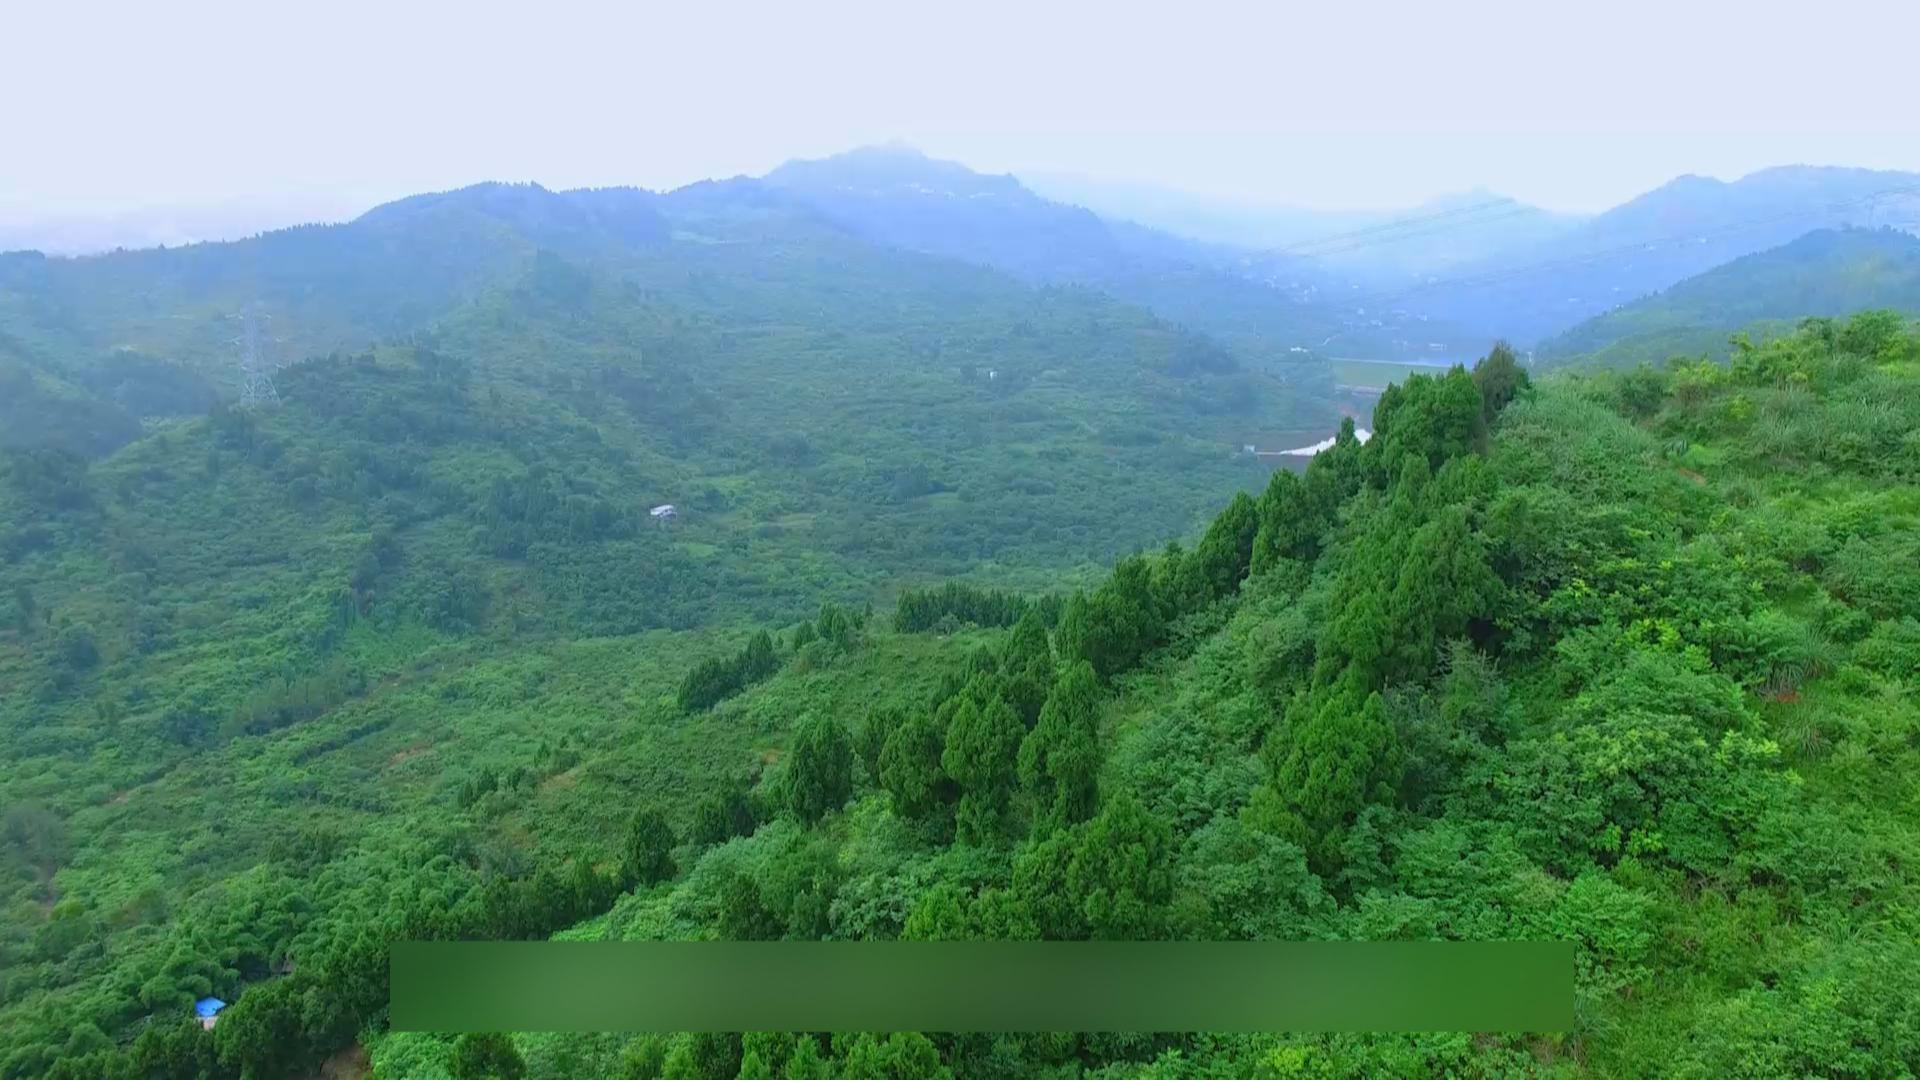 成都龙泉山城市森林公园建设有序推进[9月24日]